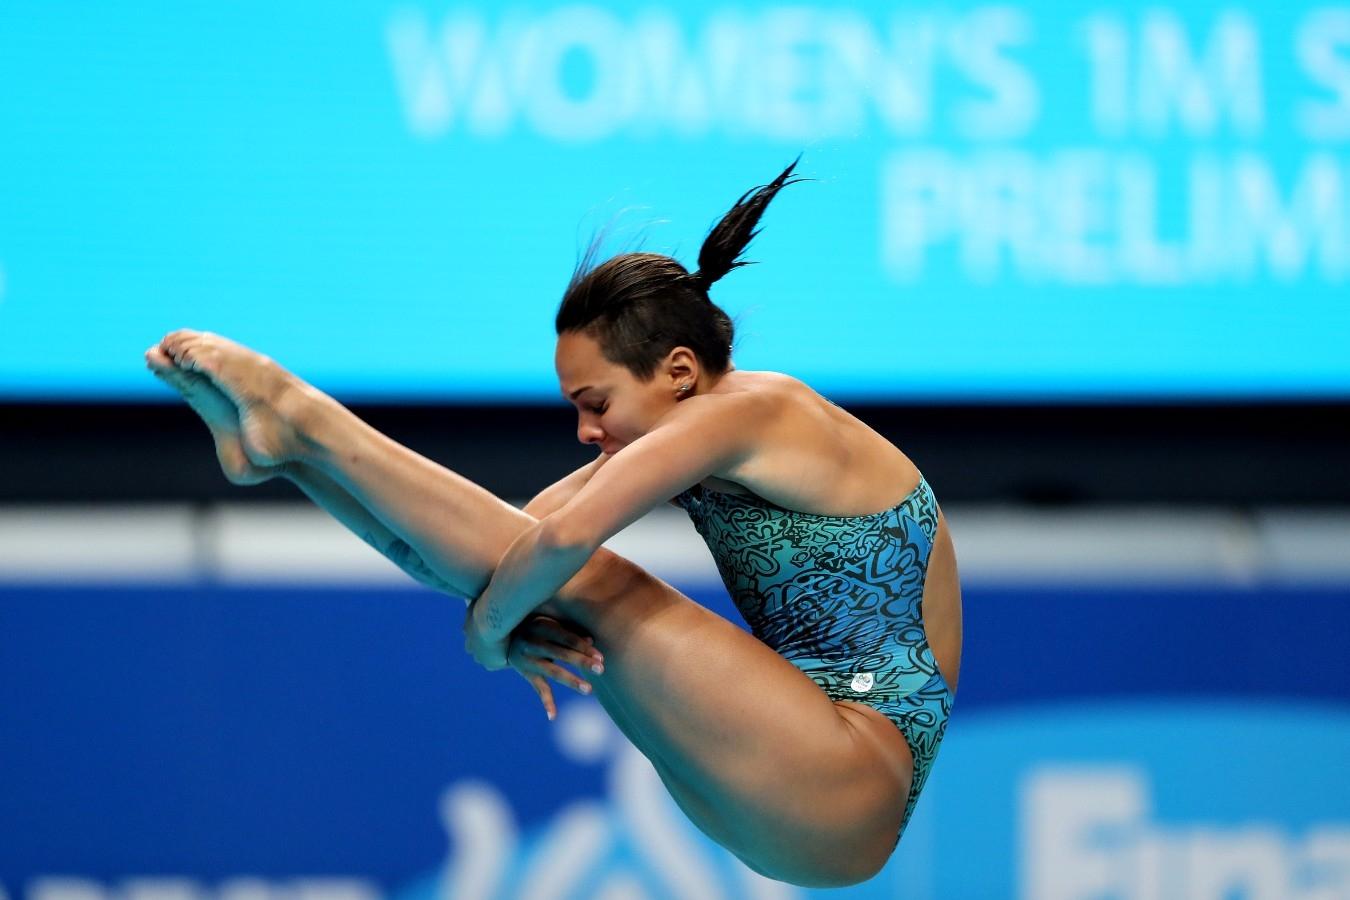 Tammy Galera. Campeonato Mundial de Desportos Aquaticos. Duna Arena. 14 de Julho de 2017, Hungria, Budapeste. Foto: Satiro Sodré/SSPress/CBDA